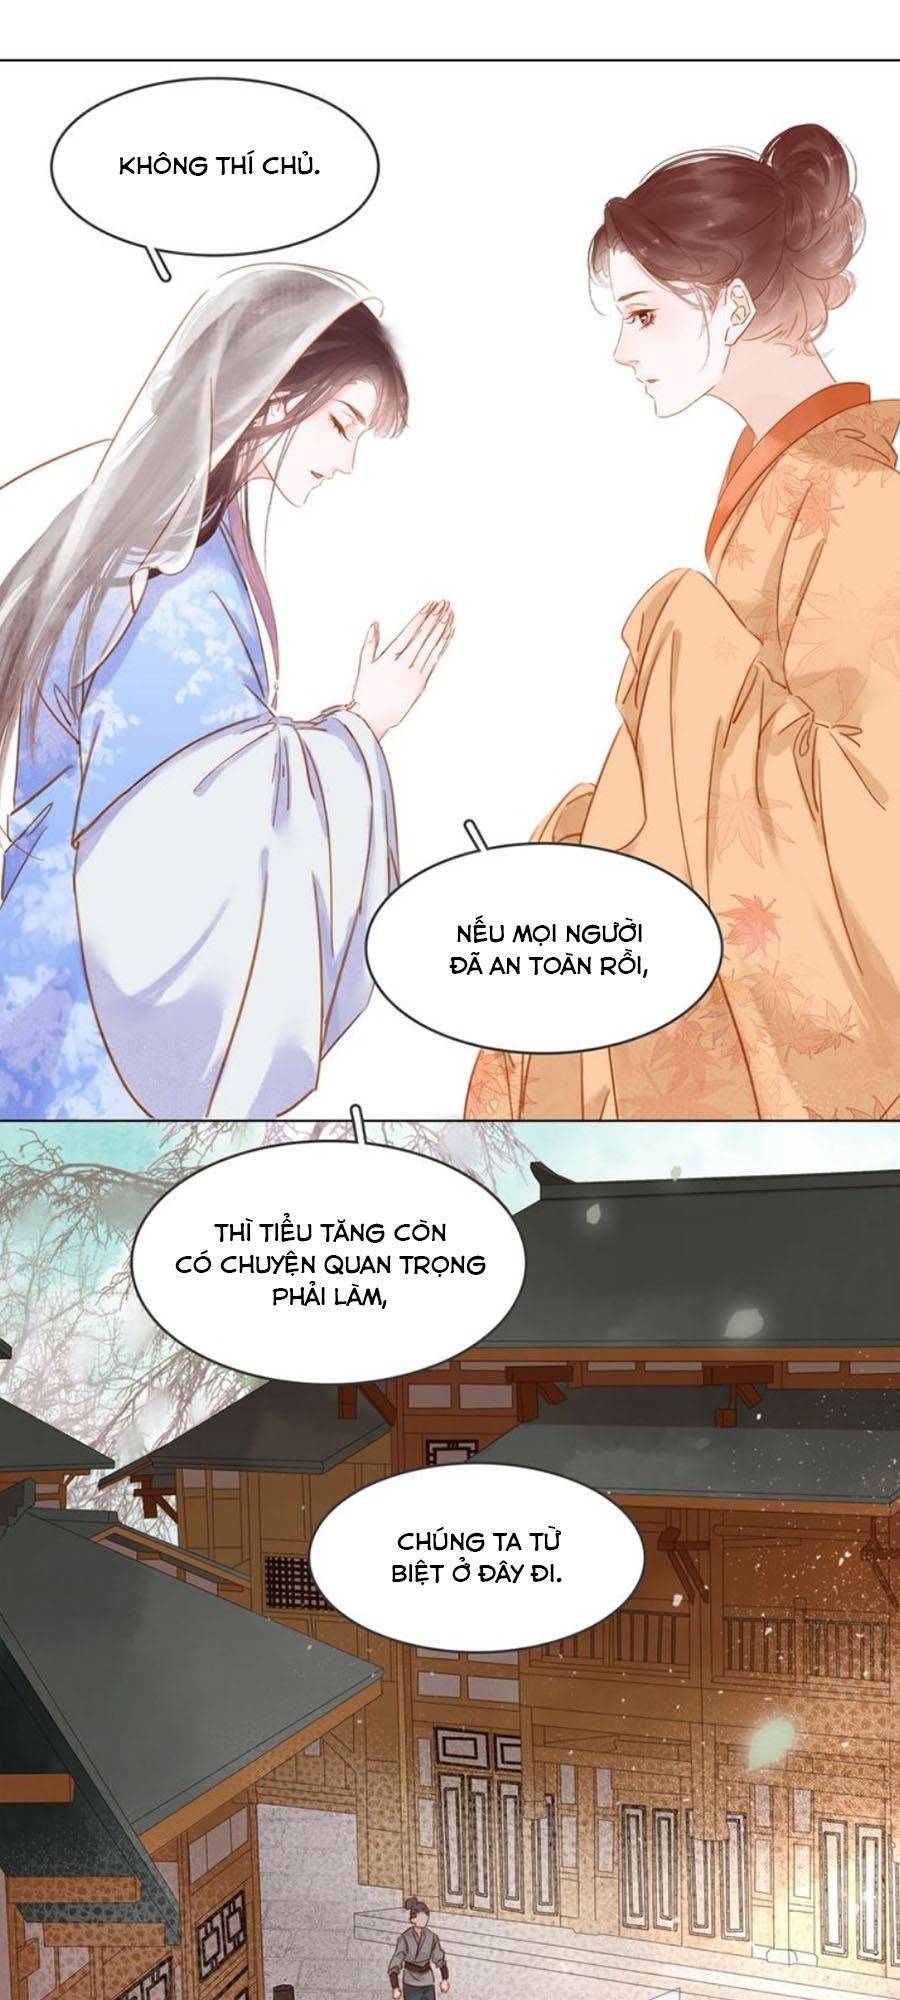 Tiểu sư phụ, tóc giả của ngài rơi rồi! chap 11 - Trang 16